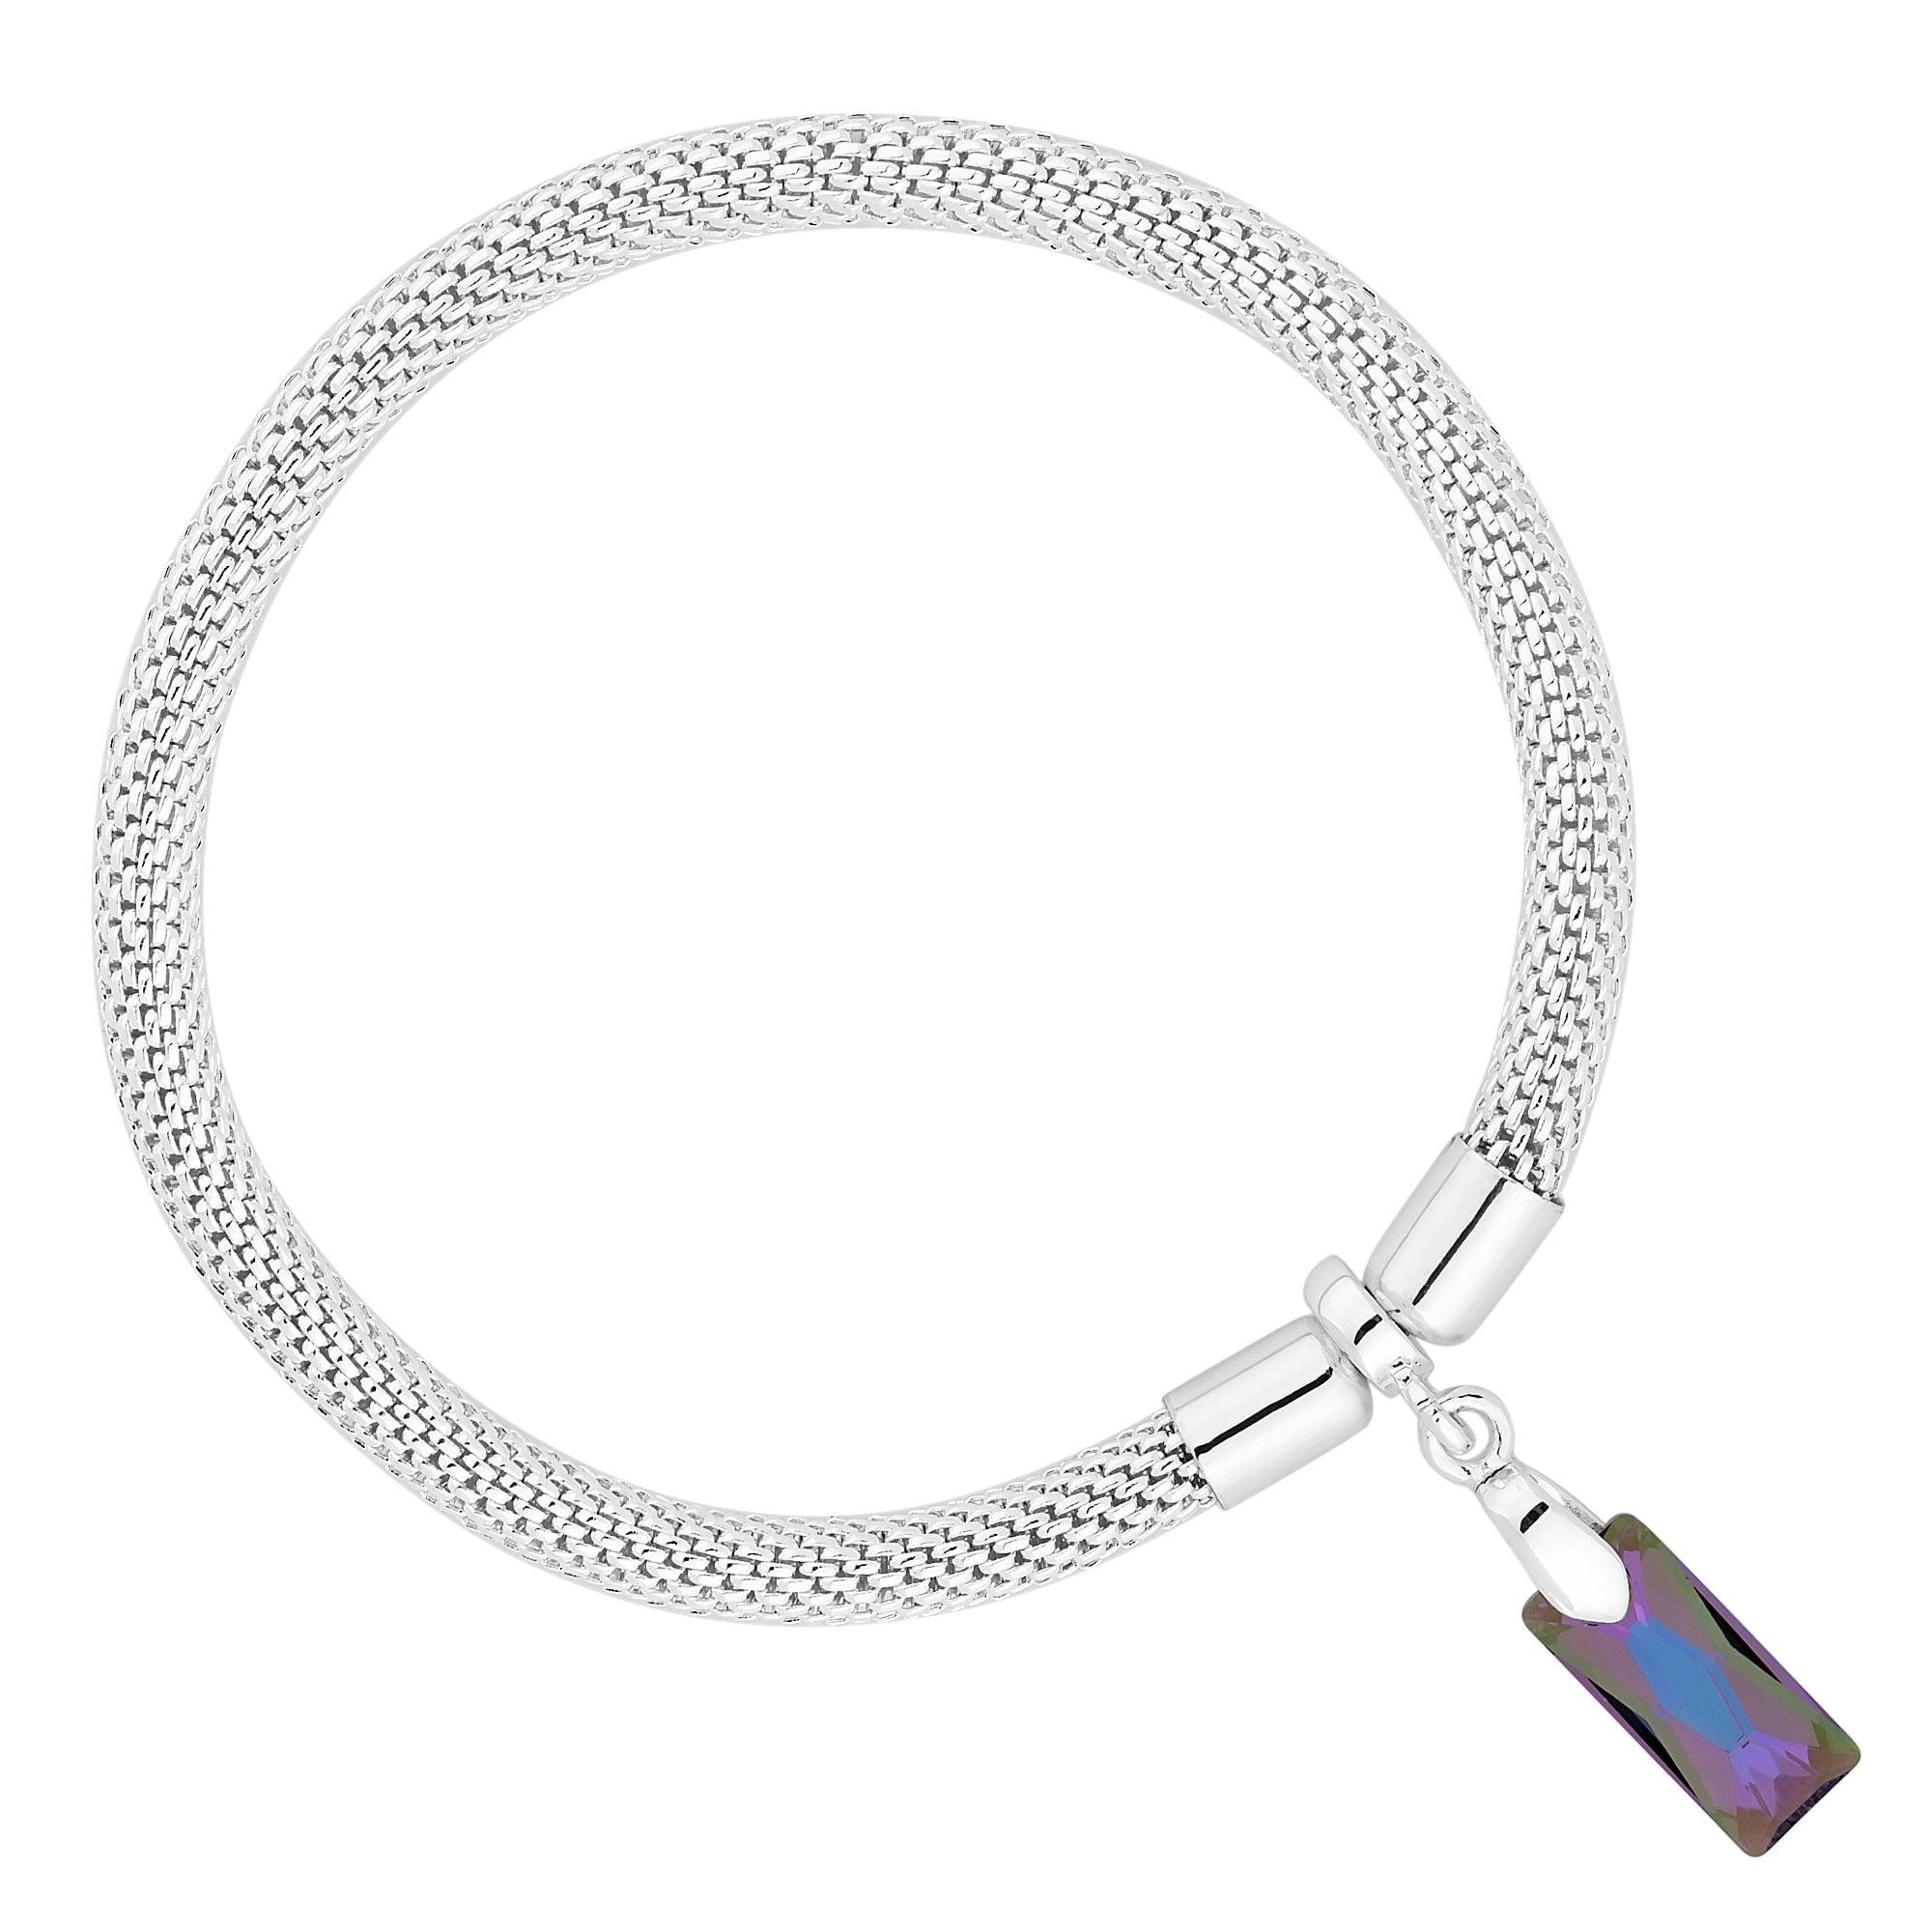 Silver Multi Tone Mesh Bracelet Embellished With Swarovski Crystals